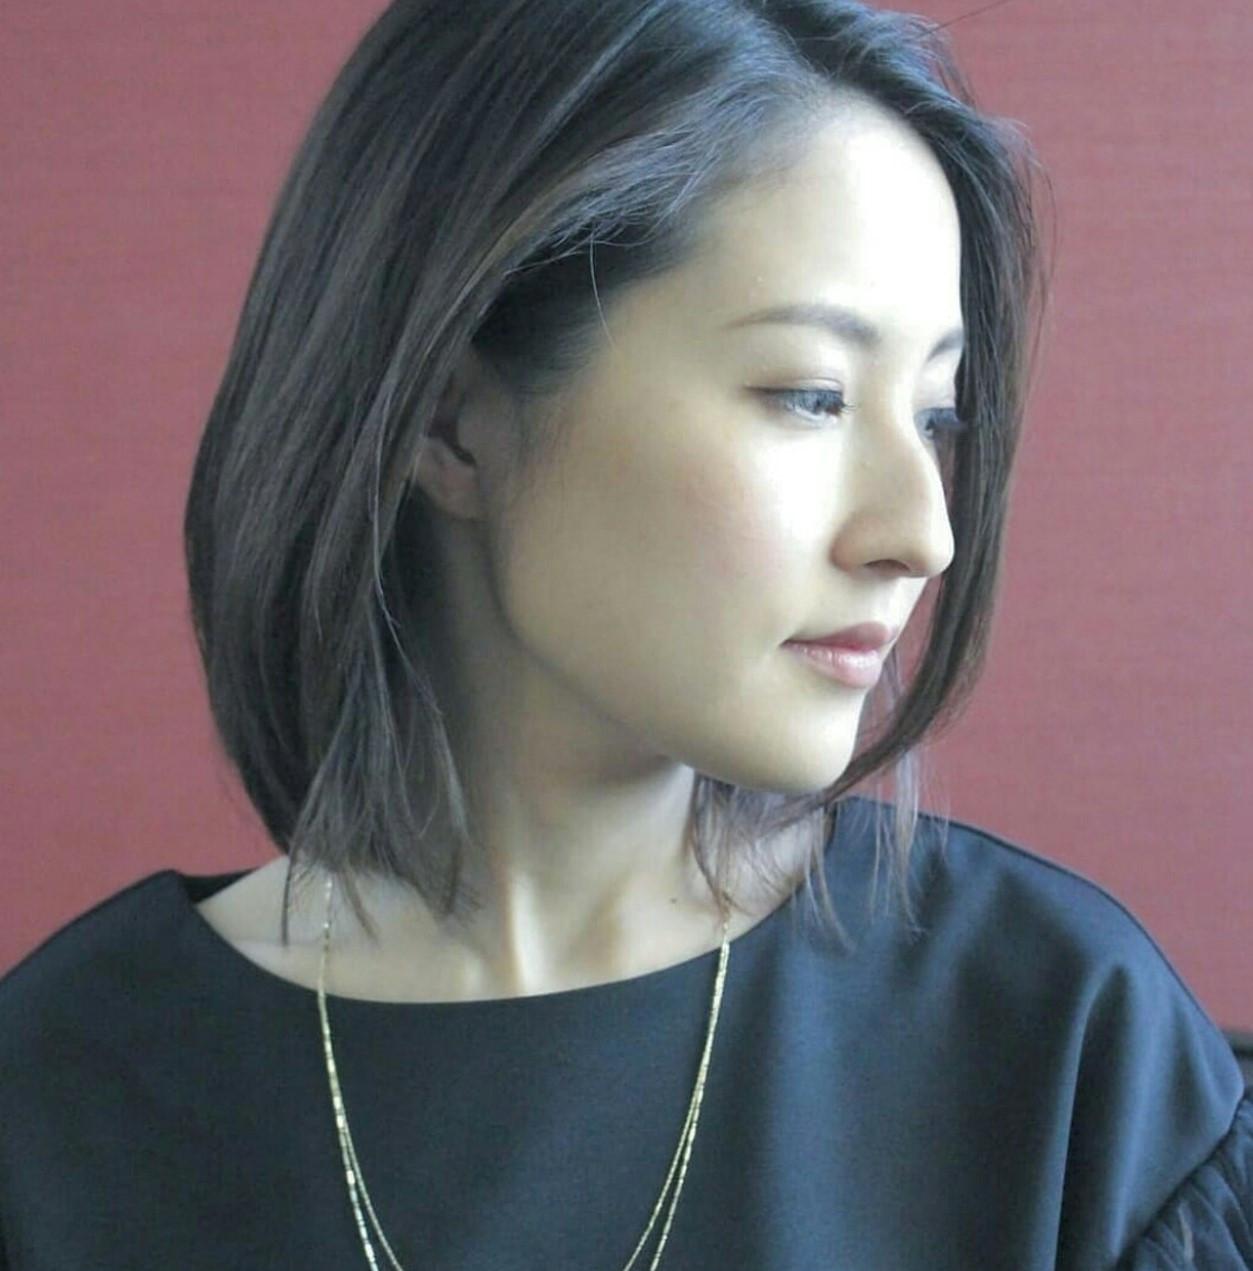 エレガントなこなれ感がつくれるボブのイルミナカラー Seiichirou Uedaatelier luretta. Ink blue hair color